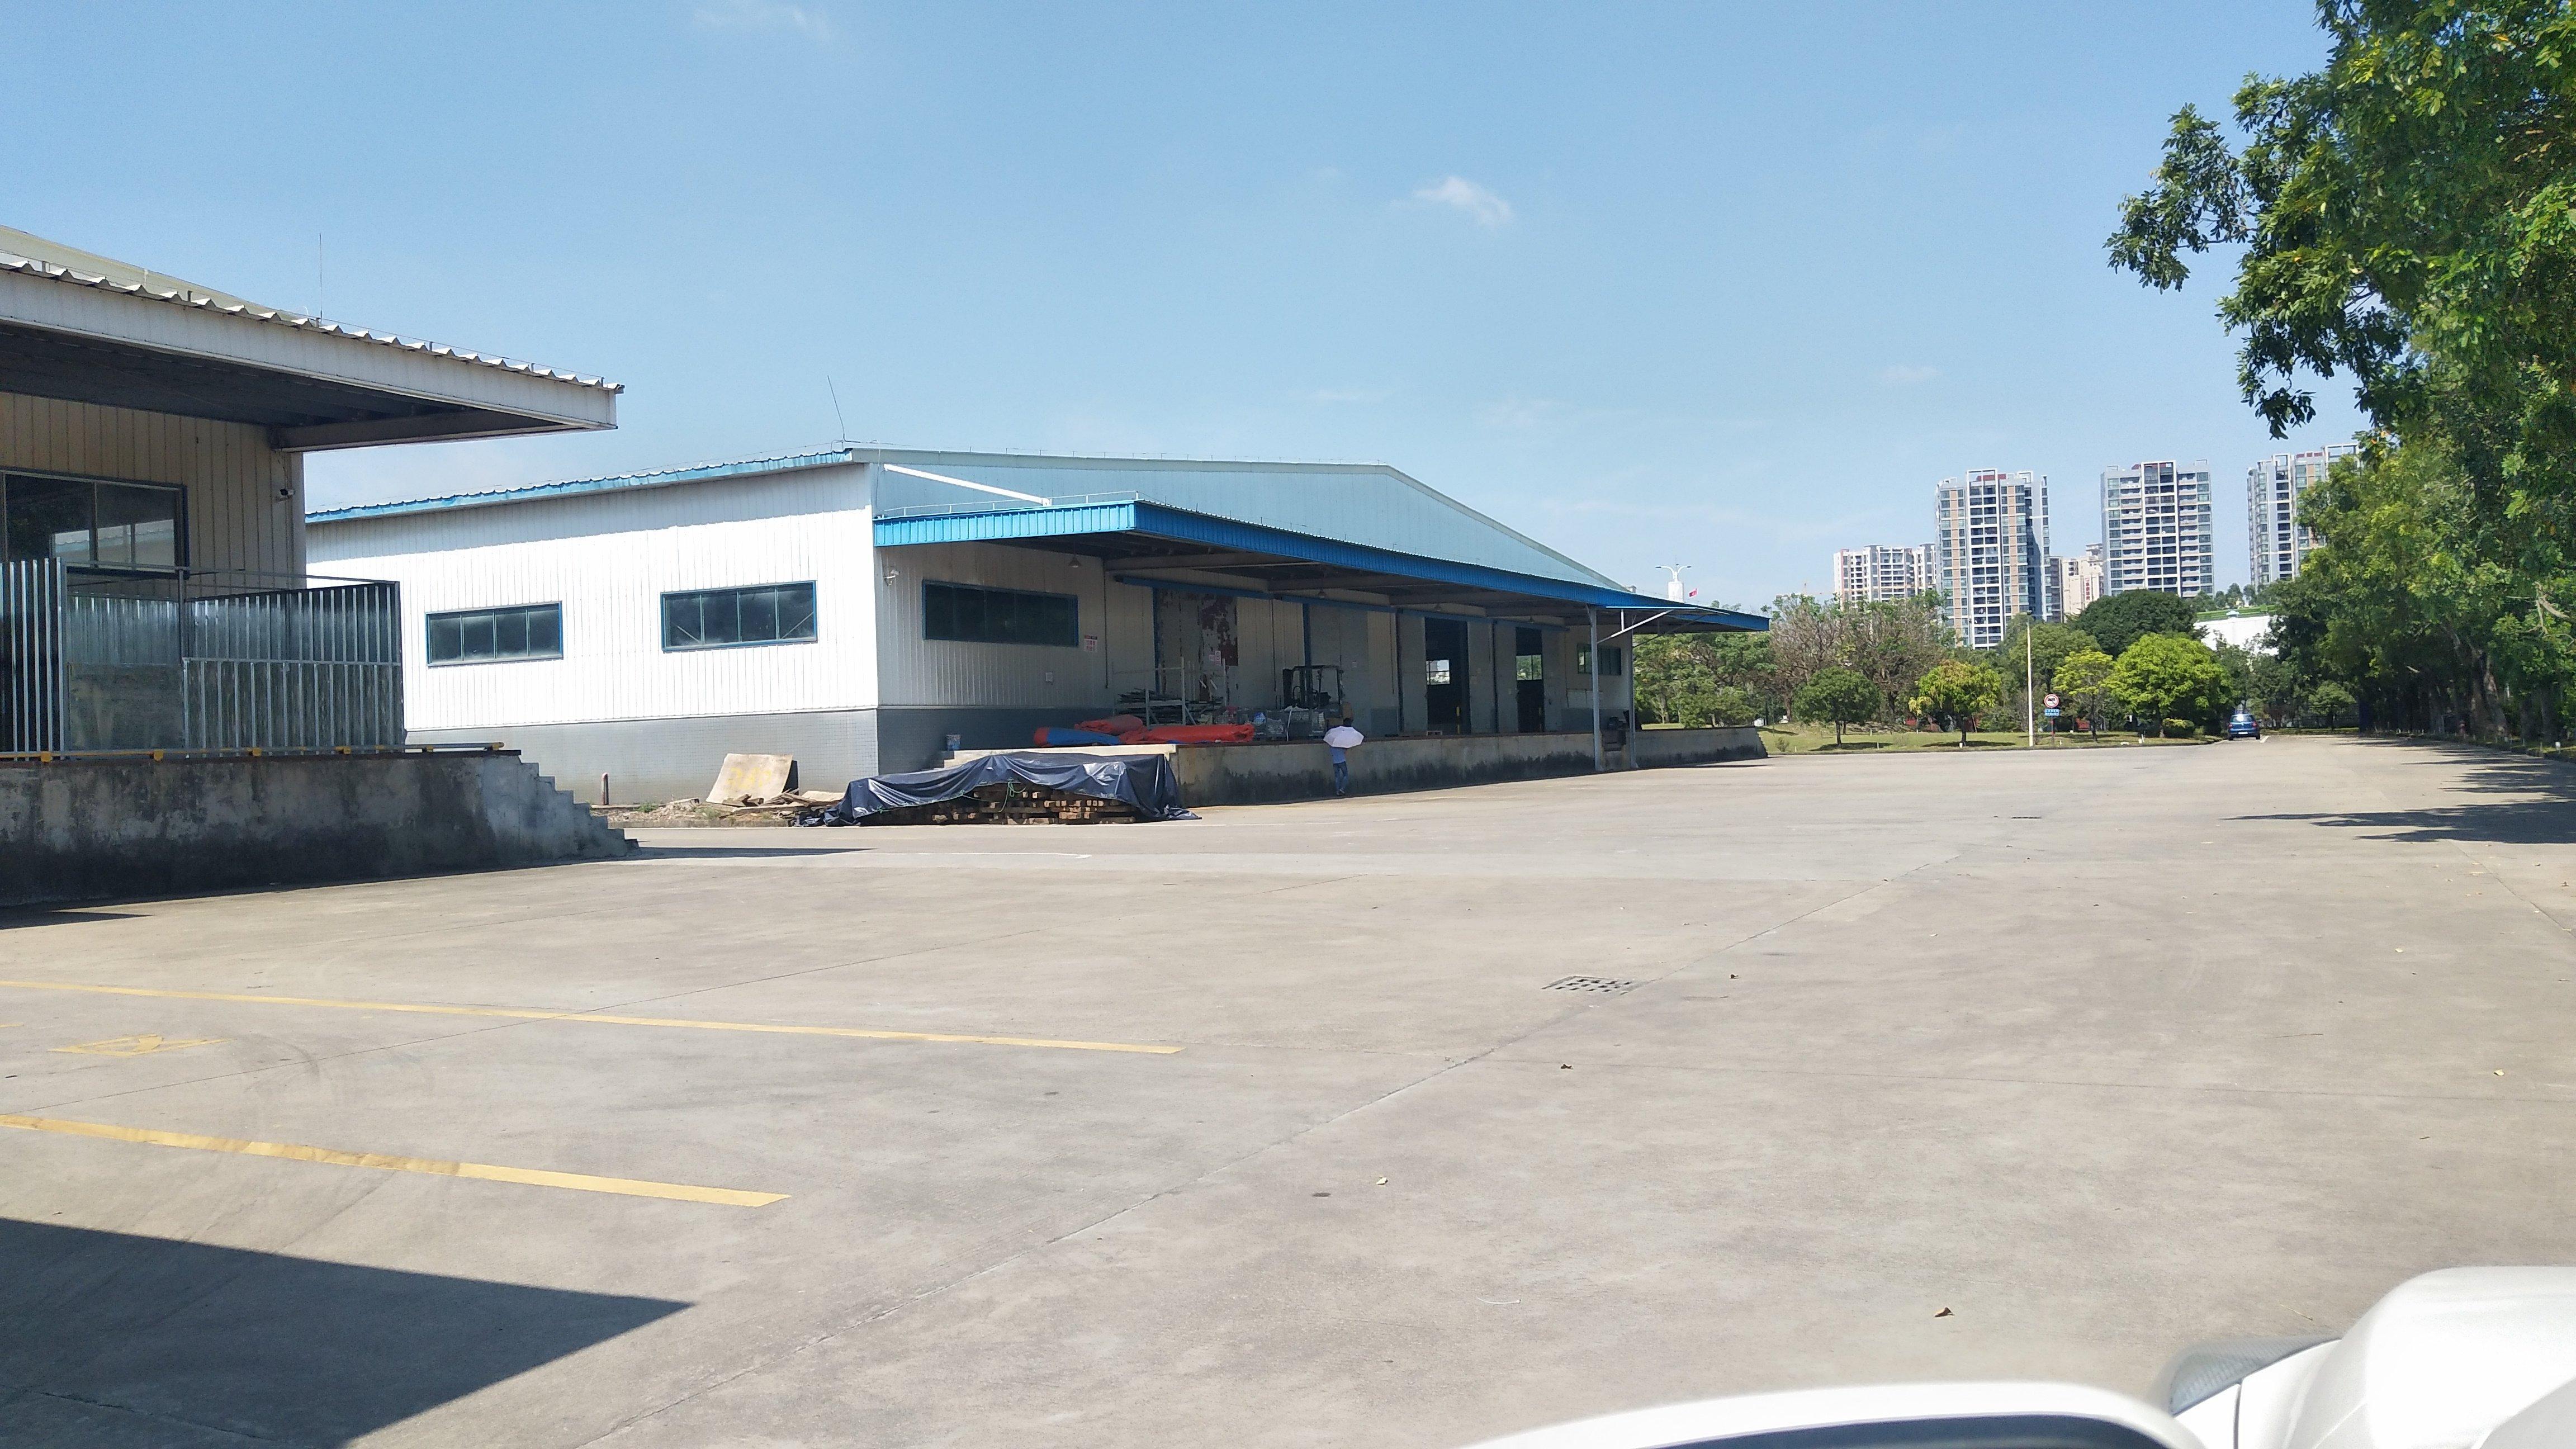 惠州市大亚湾带卸货平台物流仓库、仓储、物流独栋3800平米